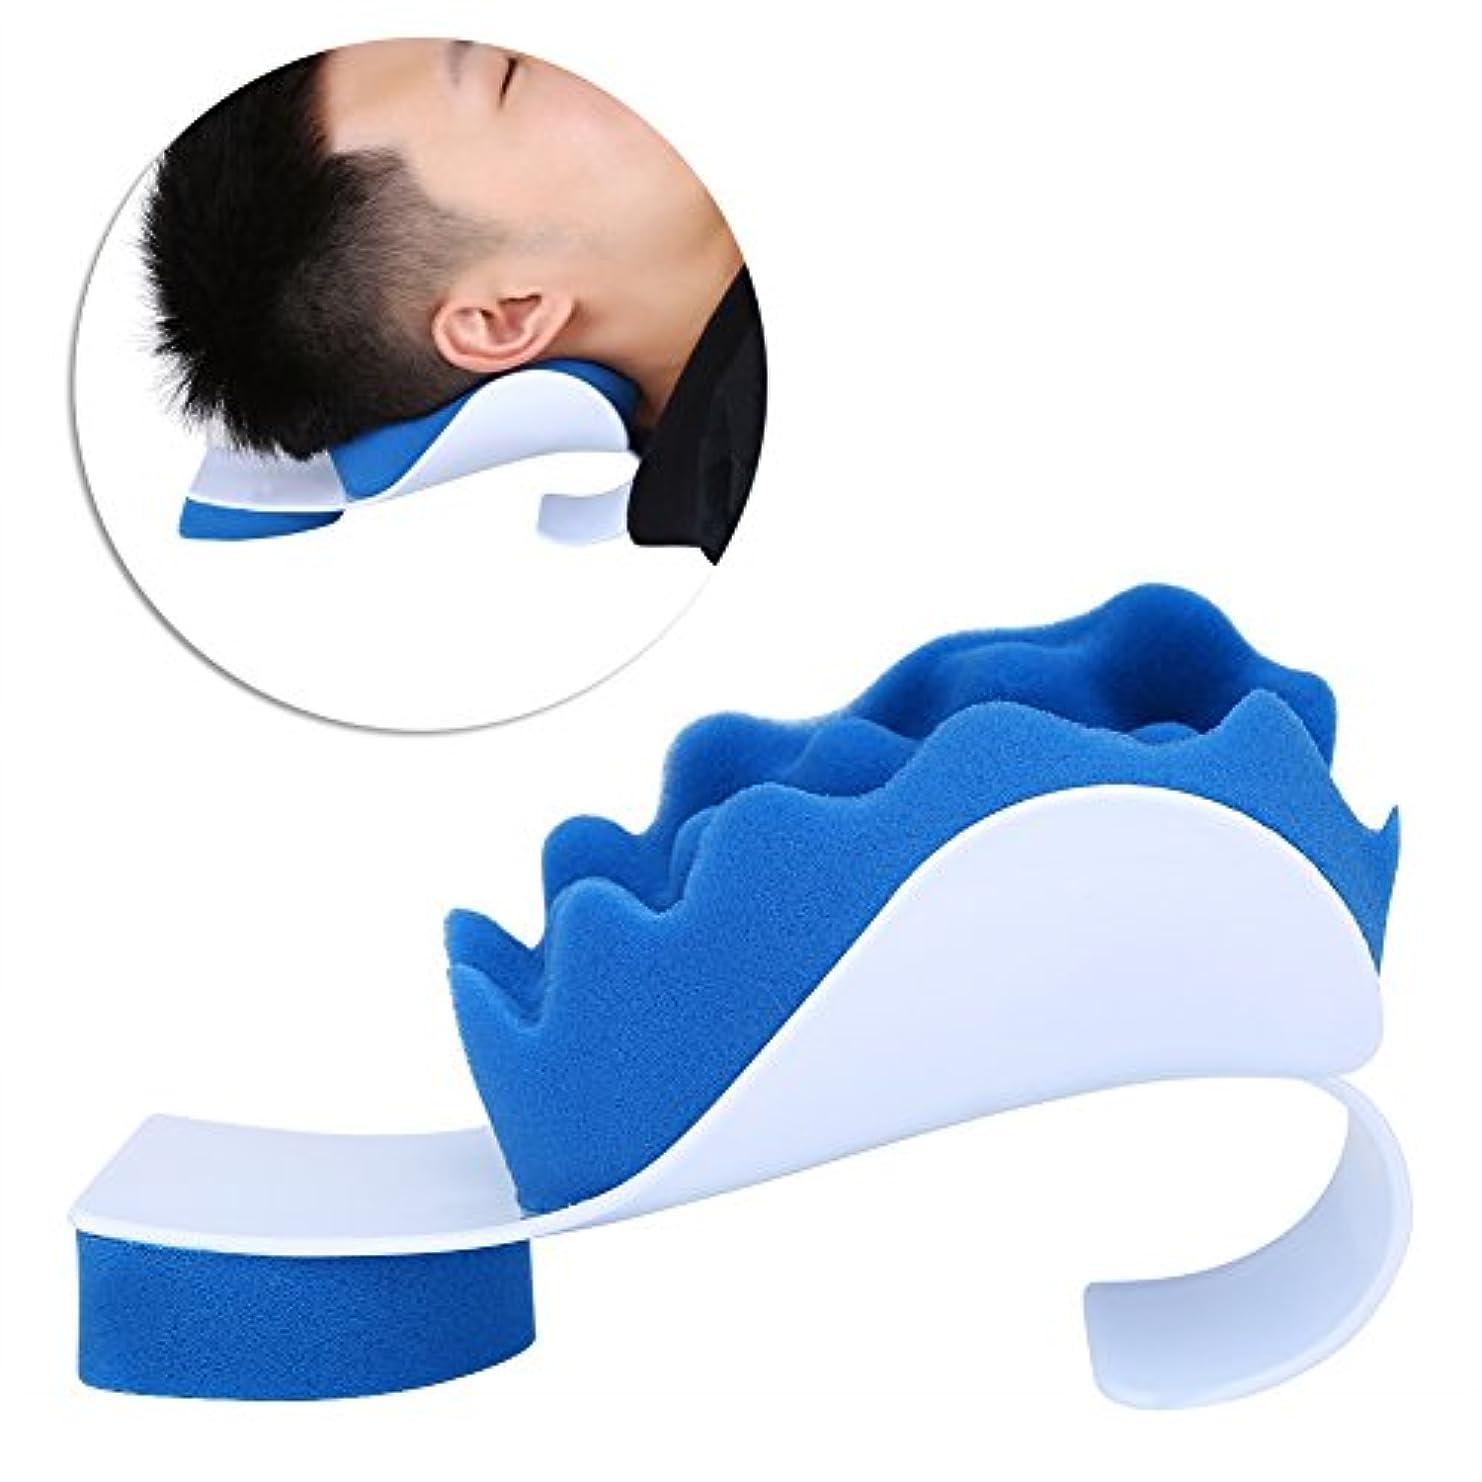 剥離極めて確実マッサージ枕 首ストレッチャー ネック枕 ツボ押し リラックス ストレス解消 頚椎/首筋矯正 首筋押圧 肩こり 首こり 改善